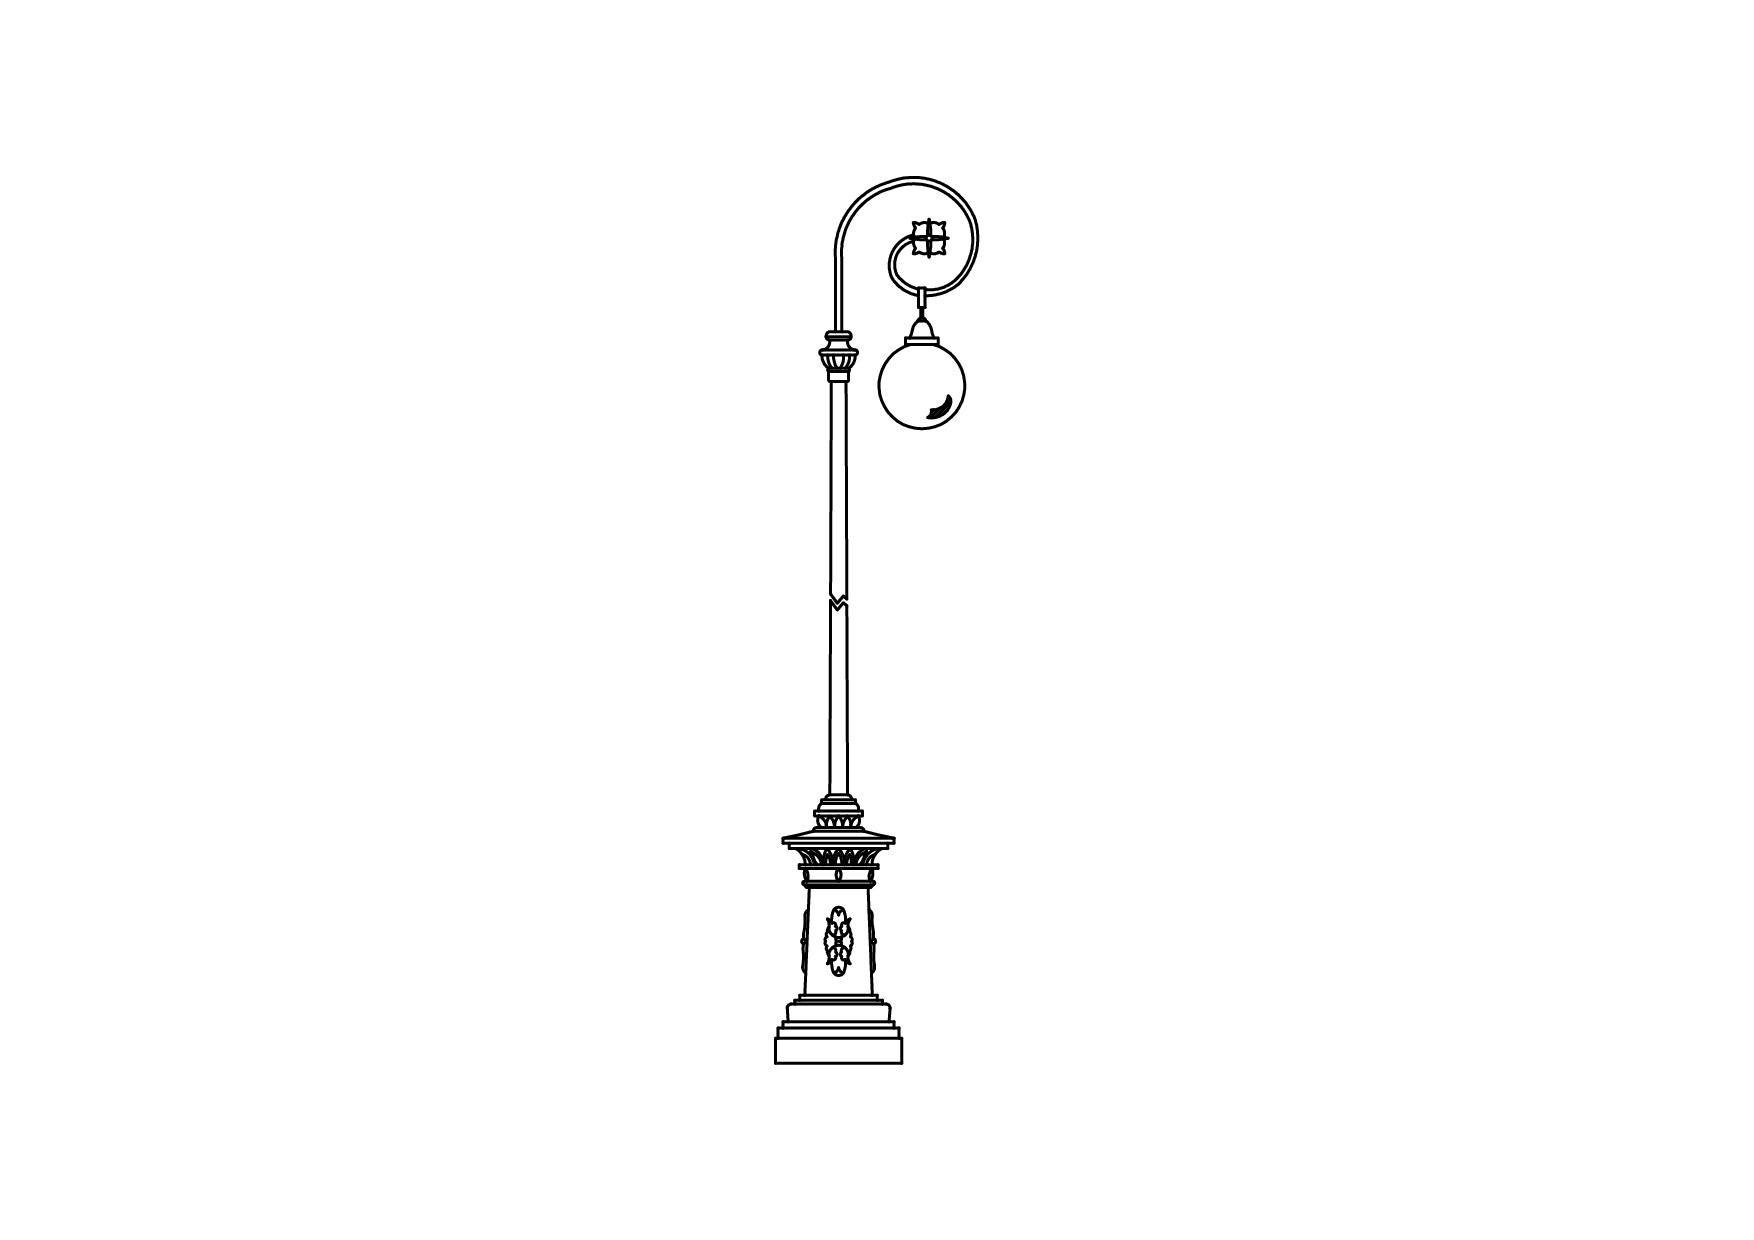 Fantastisch Schlüsselschalter Schaltplansymbol Galerie - Der ...